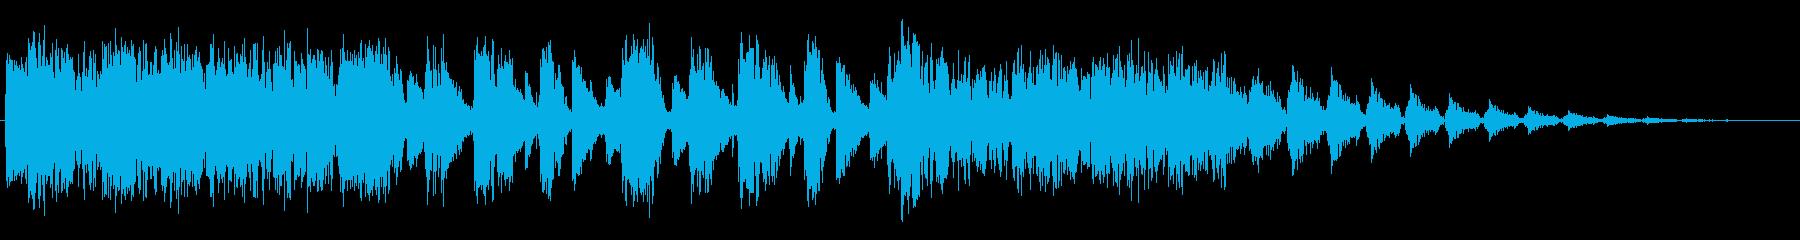 リフビーツの再生済みの波形